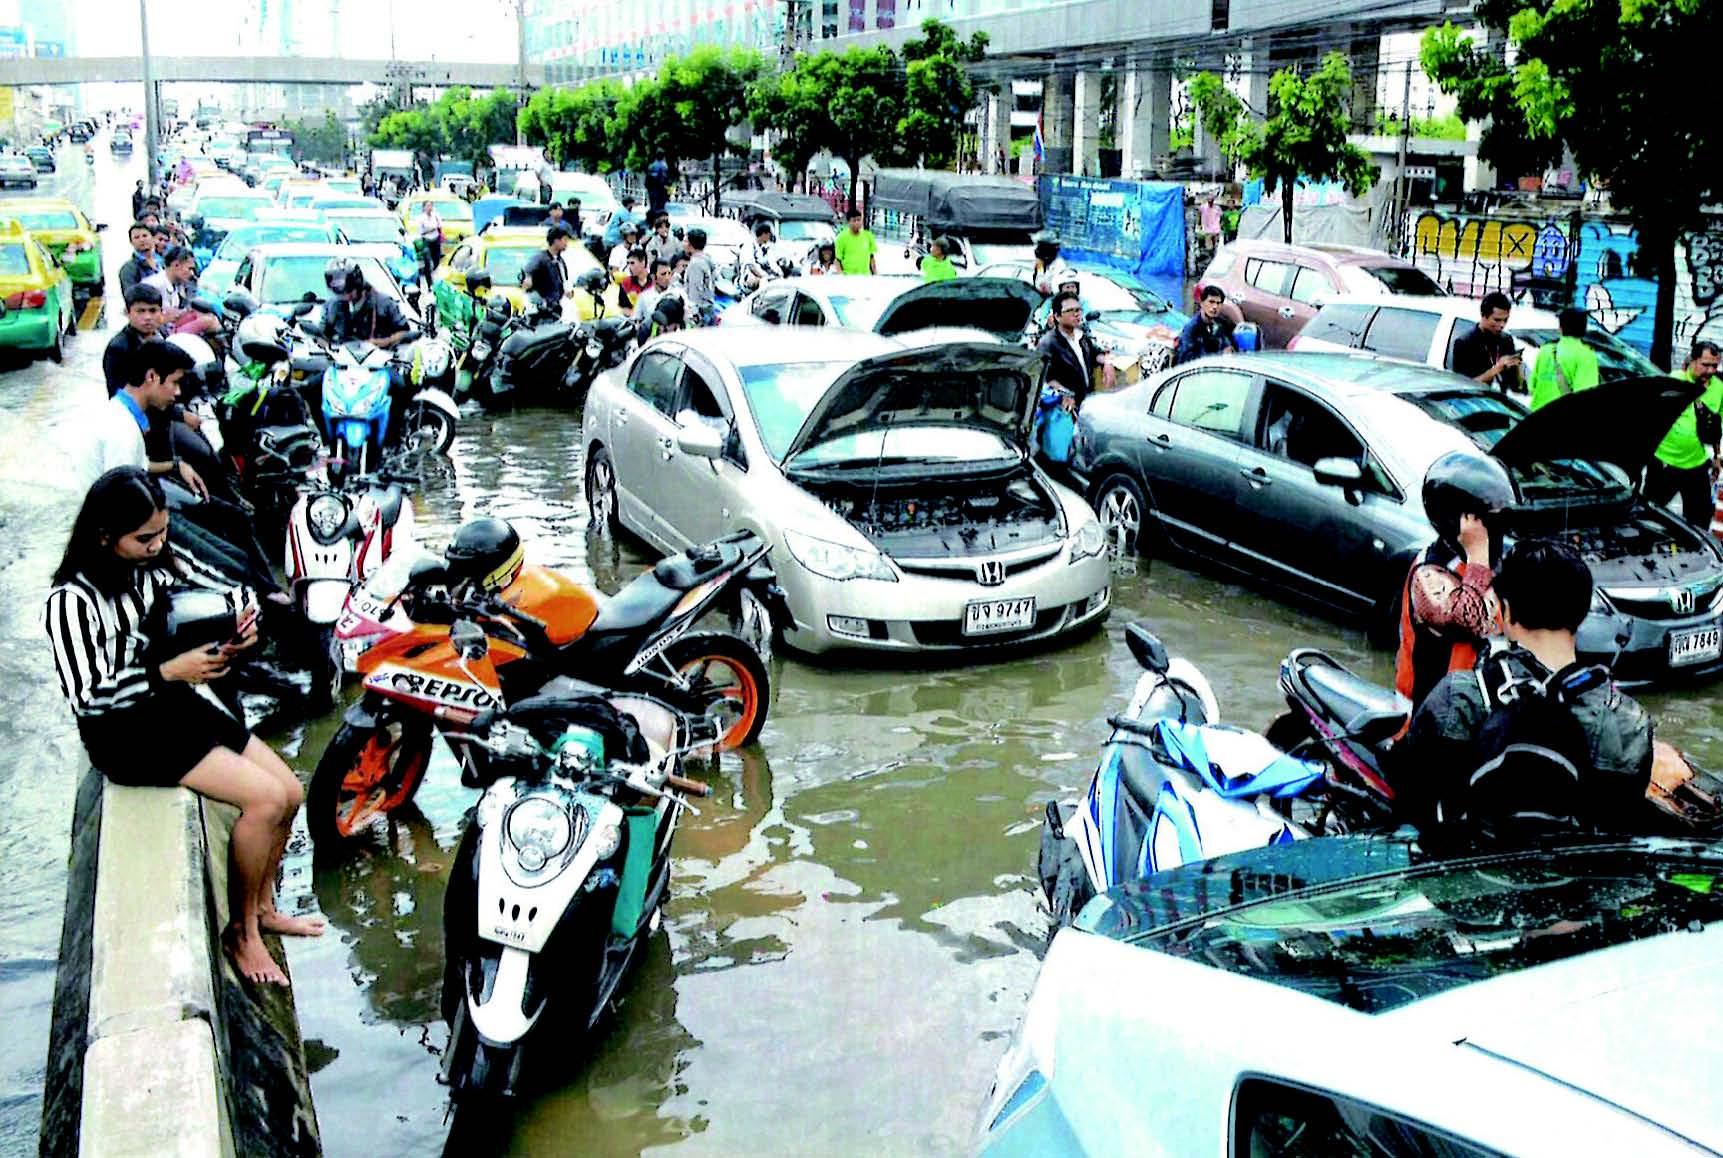 洪水と干ばつが同時発生 - ワイズデジタル【タイで生活する人のための情報サイト】